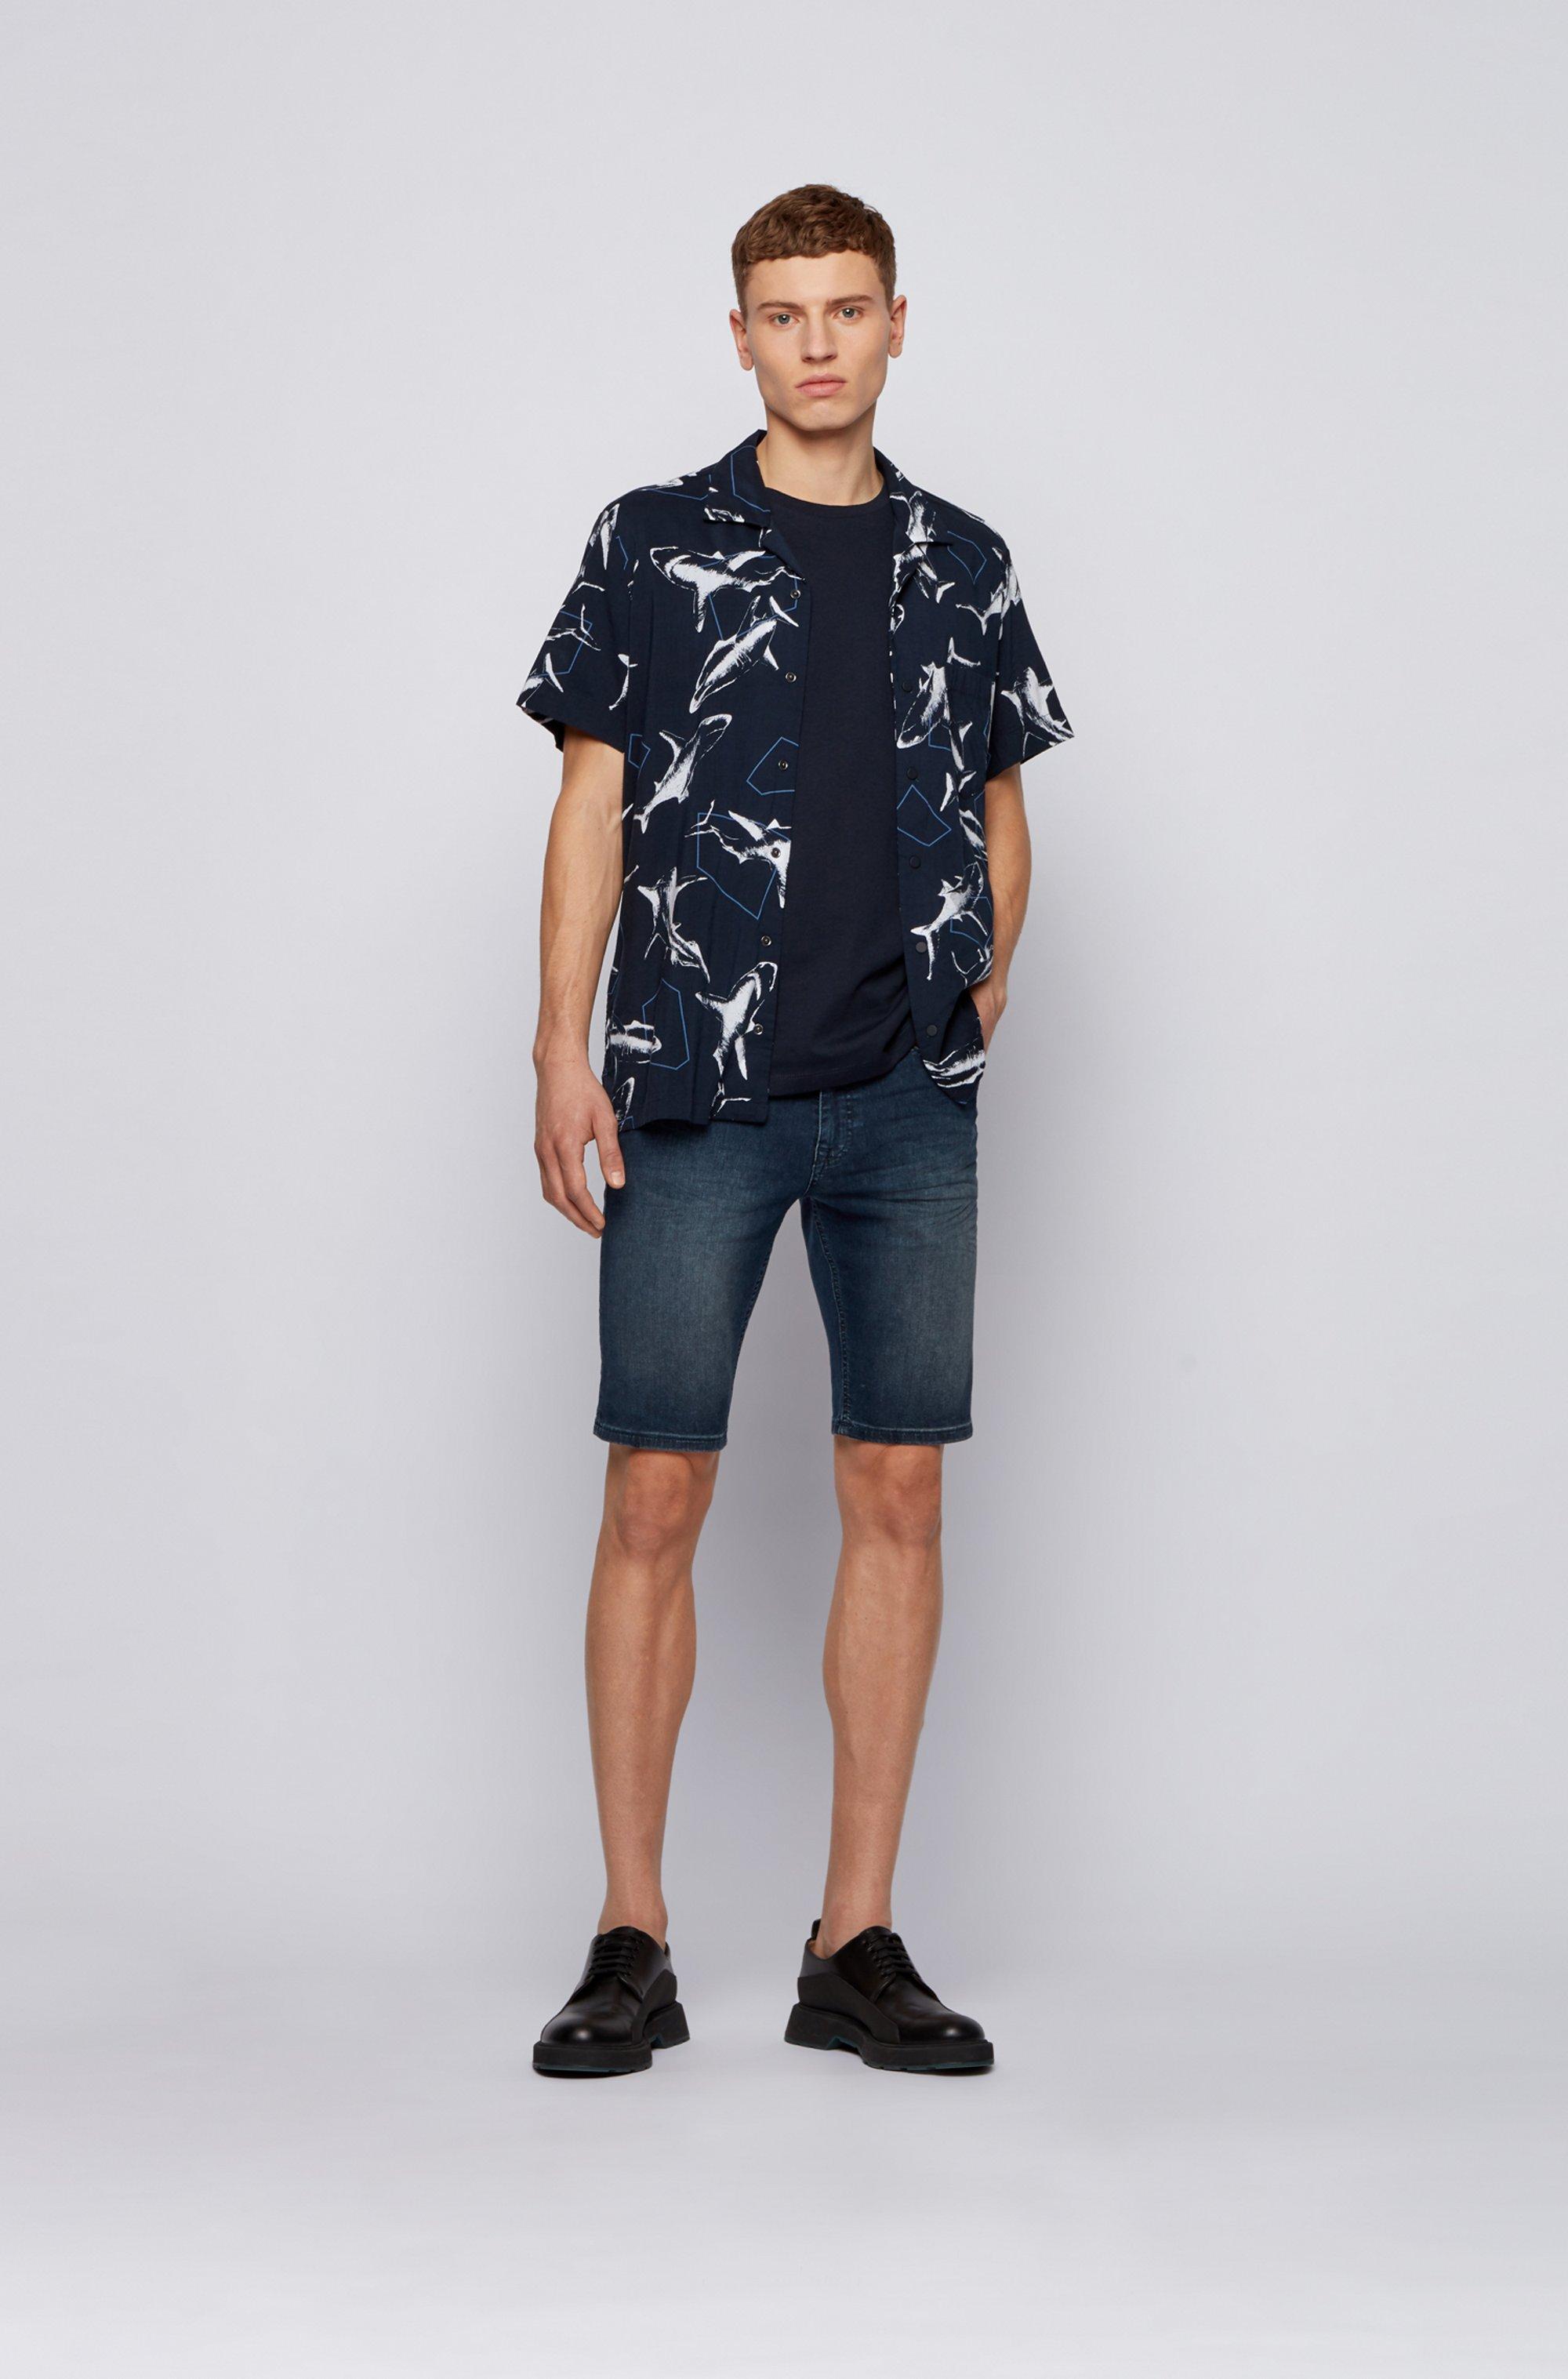 オーバーサイズプリント レギュラーフィットシャツ スナップボタン